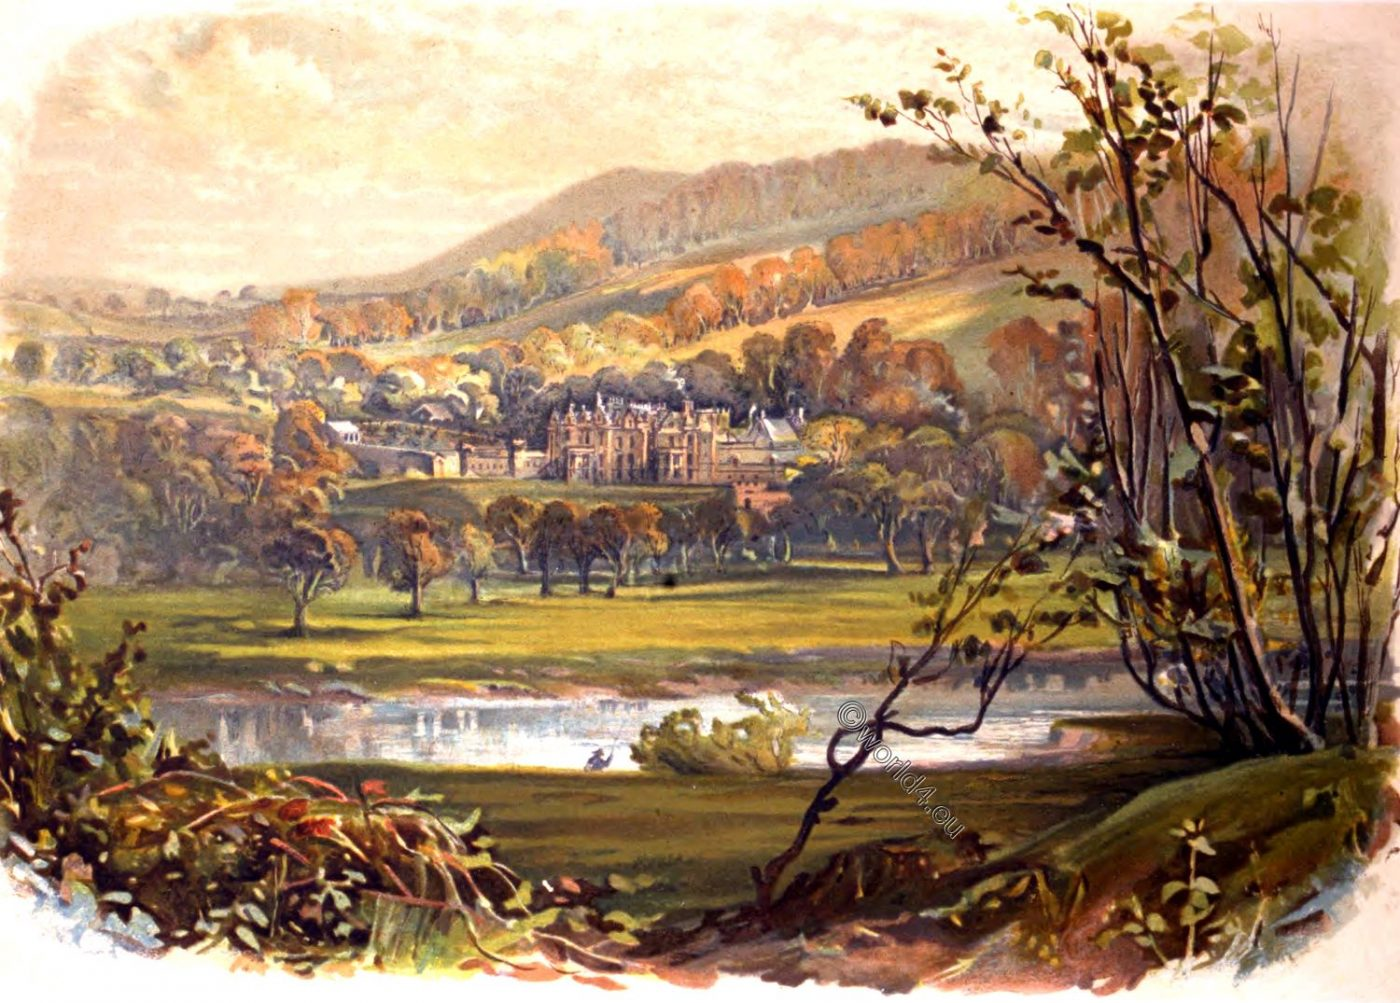 Abbotsford, Residence, English, writer, Sir Walter Scott